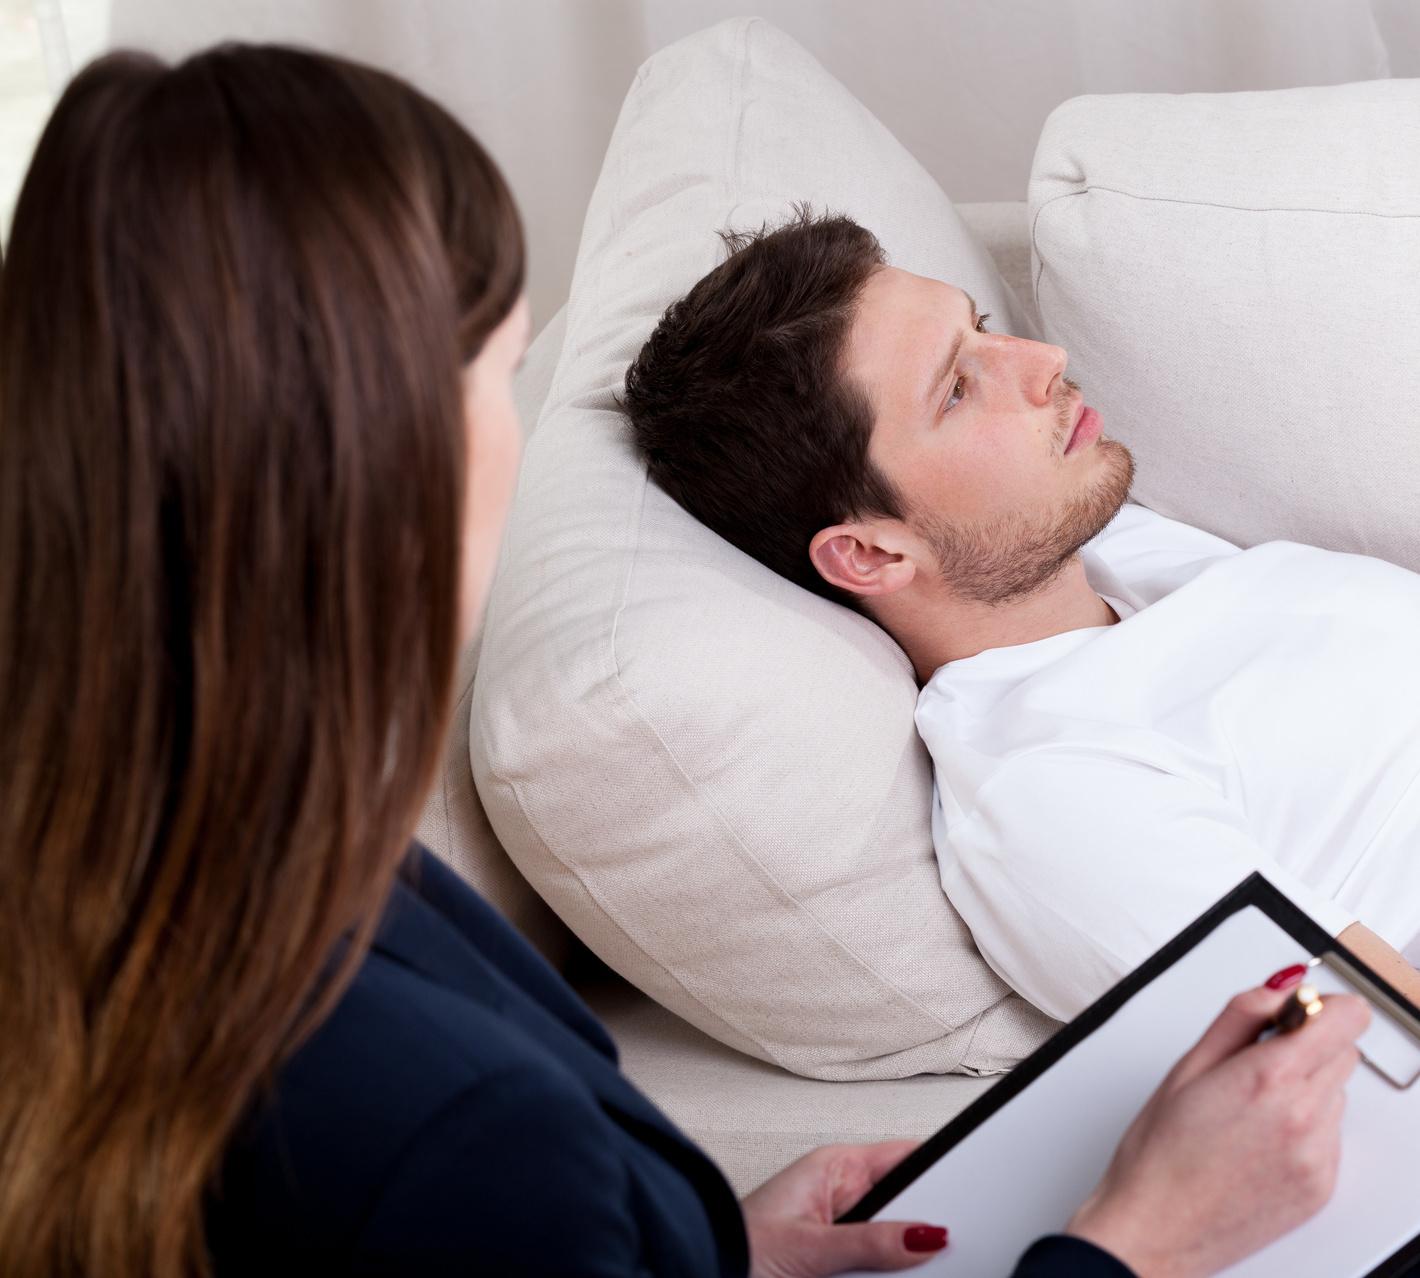 seance hypnotherapie Annemasse (74100)